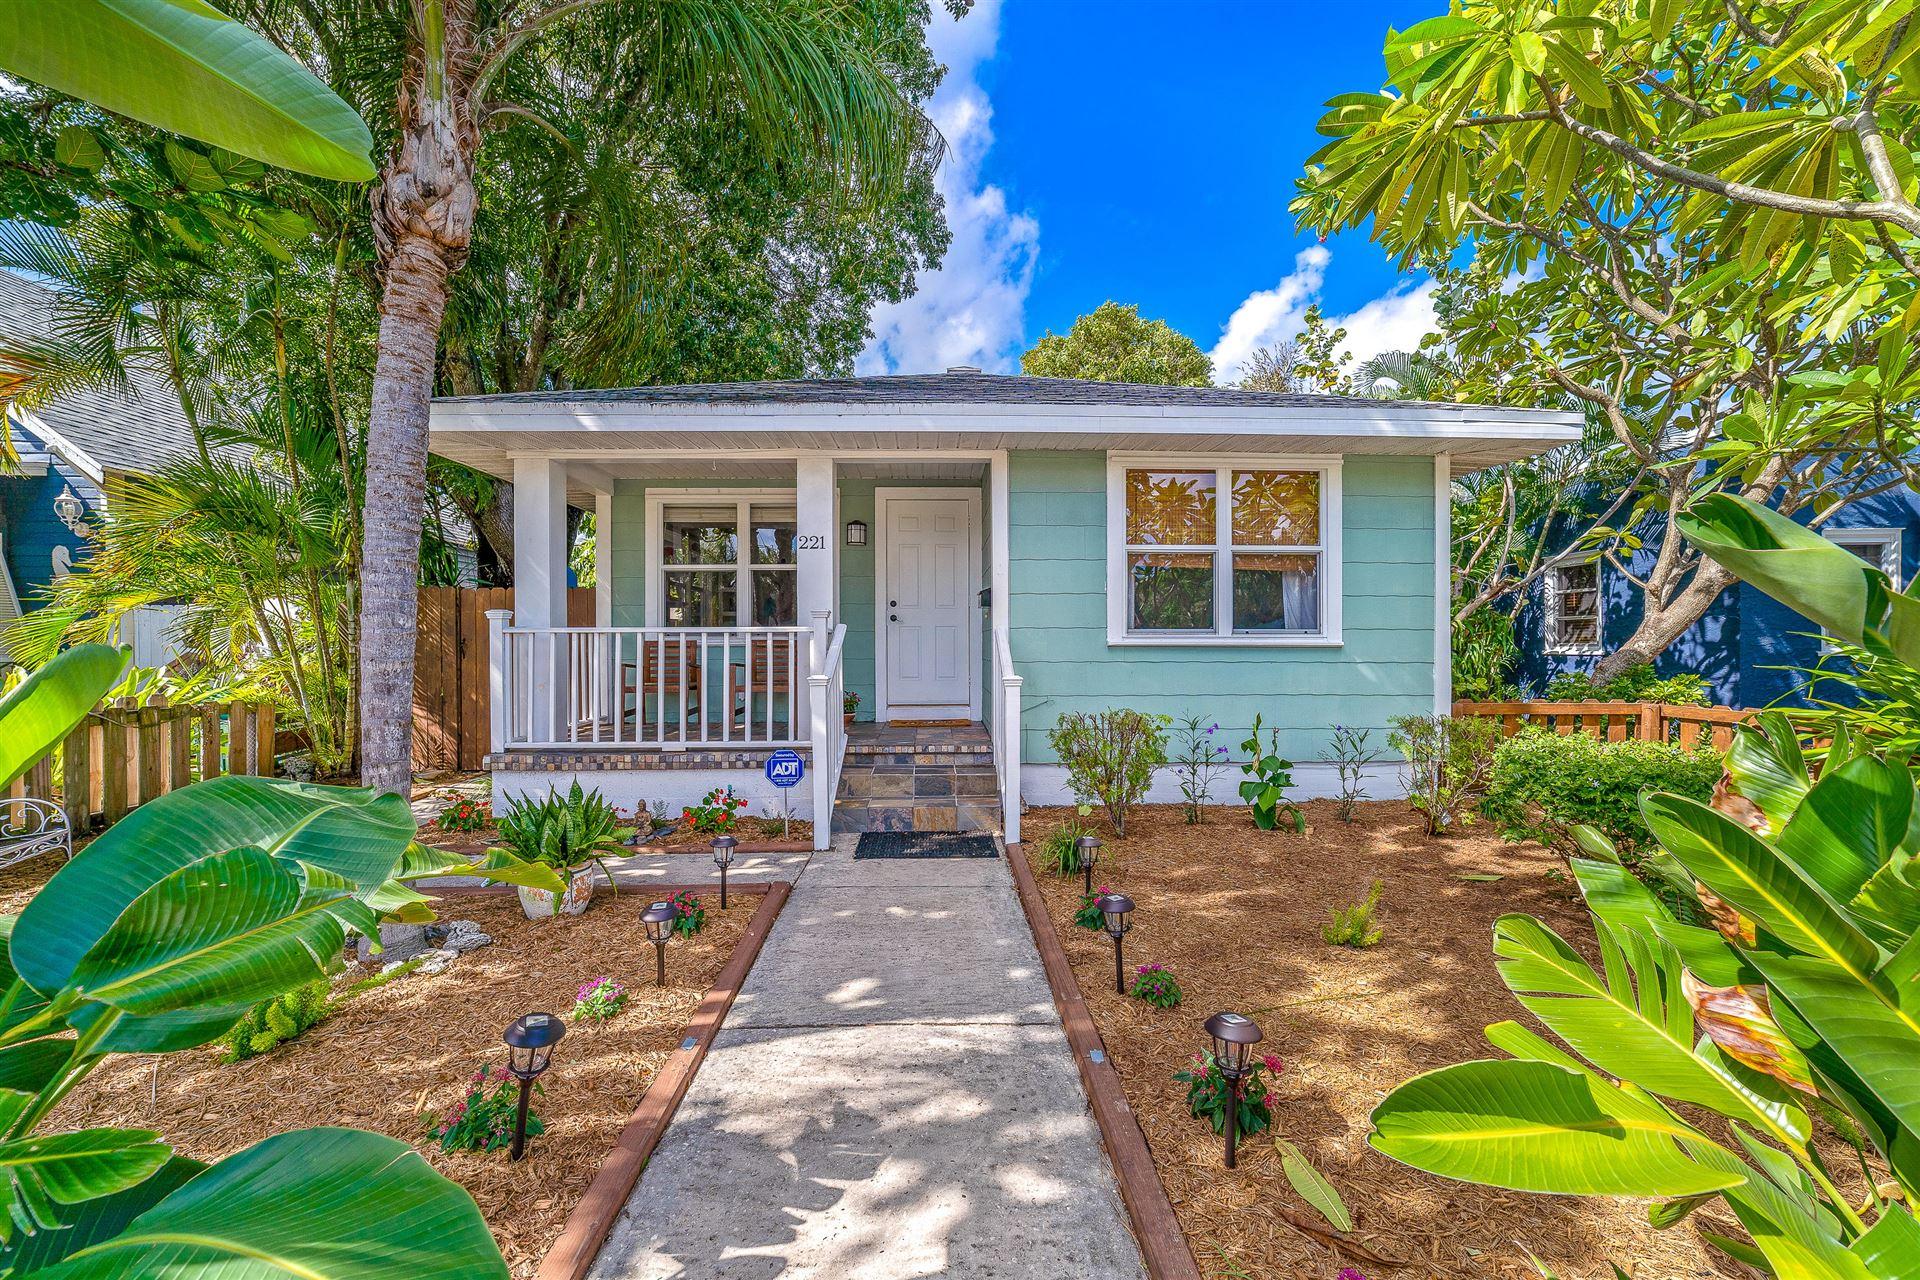 221 S M Street, Lake Worth, FL 33460 - #: RX-10669243